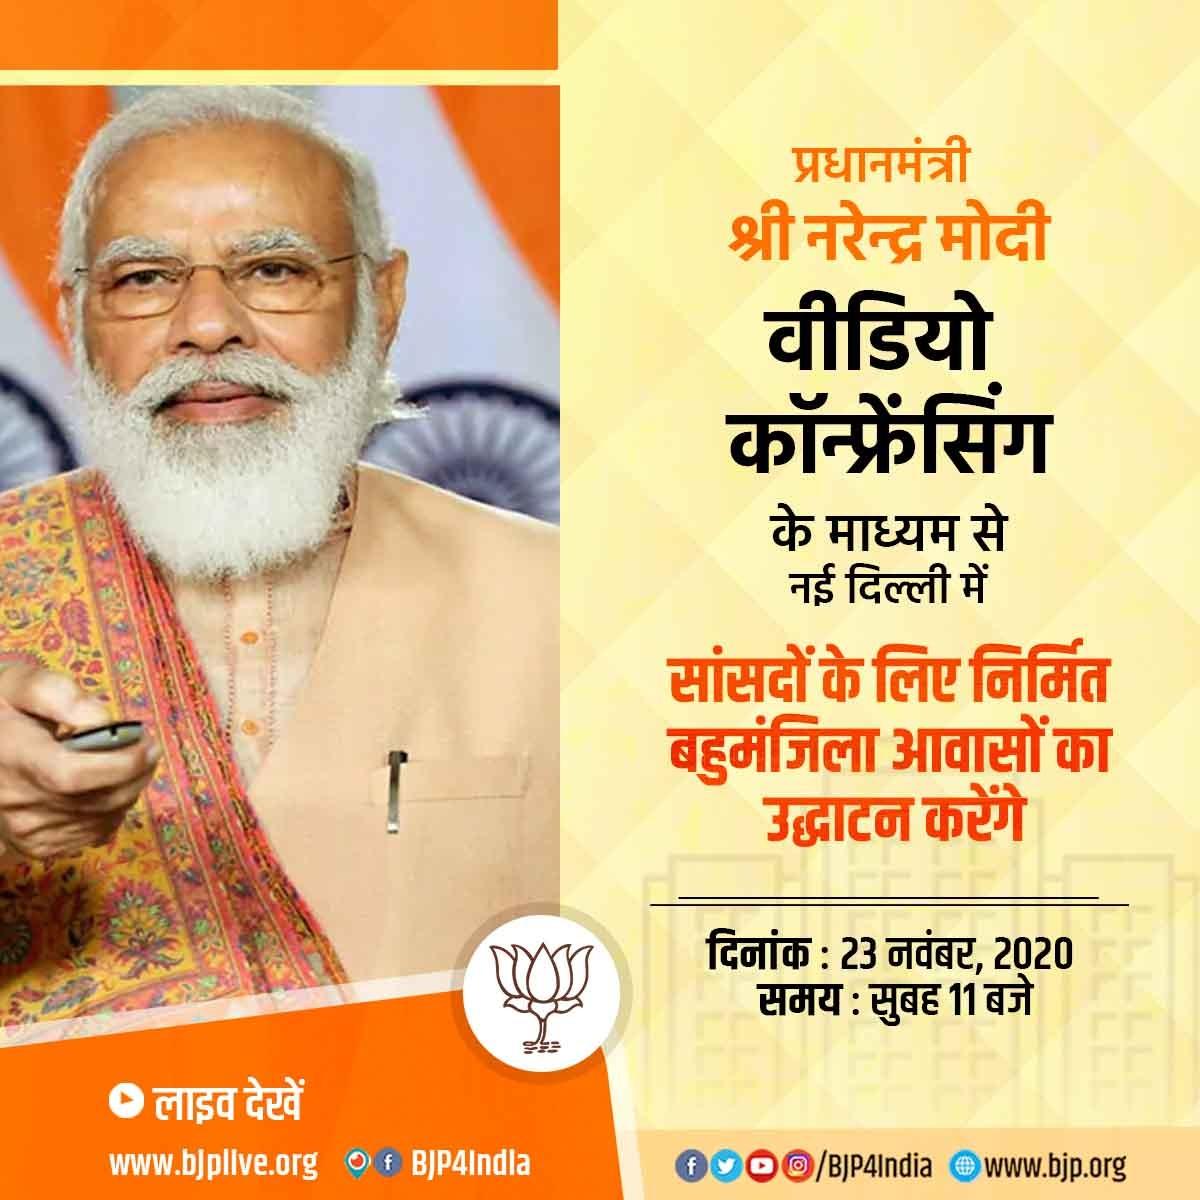 पीएम श्री @narendramodi 23 नवंबर 2020 को वीडियो कॉन्फ्रेंसिंग के माध्यम से नई दिल्ली में सांसदों के लिए निर्मित बहुमंजिला आवासों का उद्धाटन करेंगे।  लाइव देखें  •  •  •  •